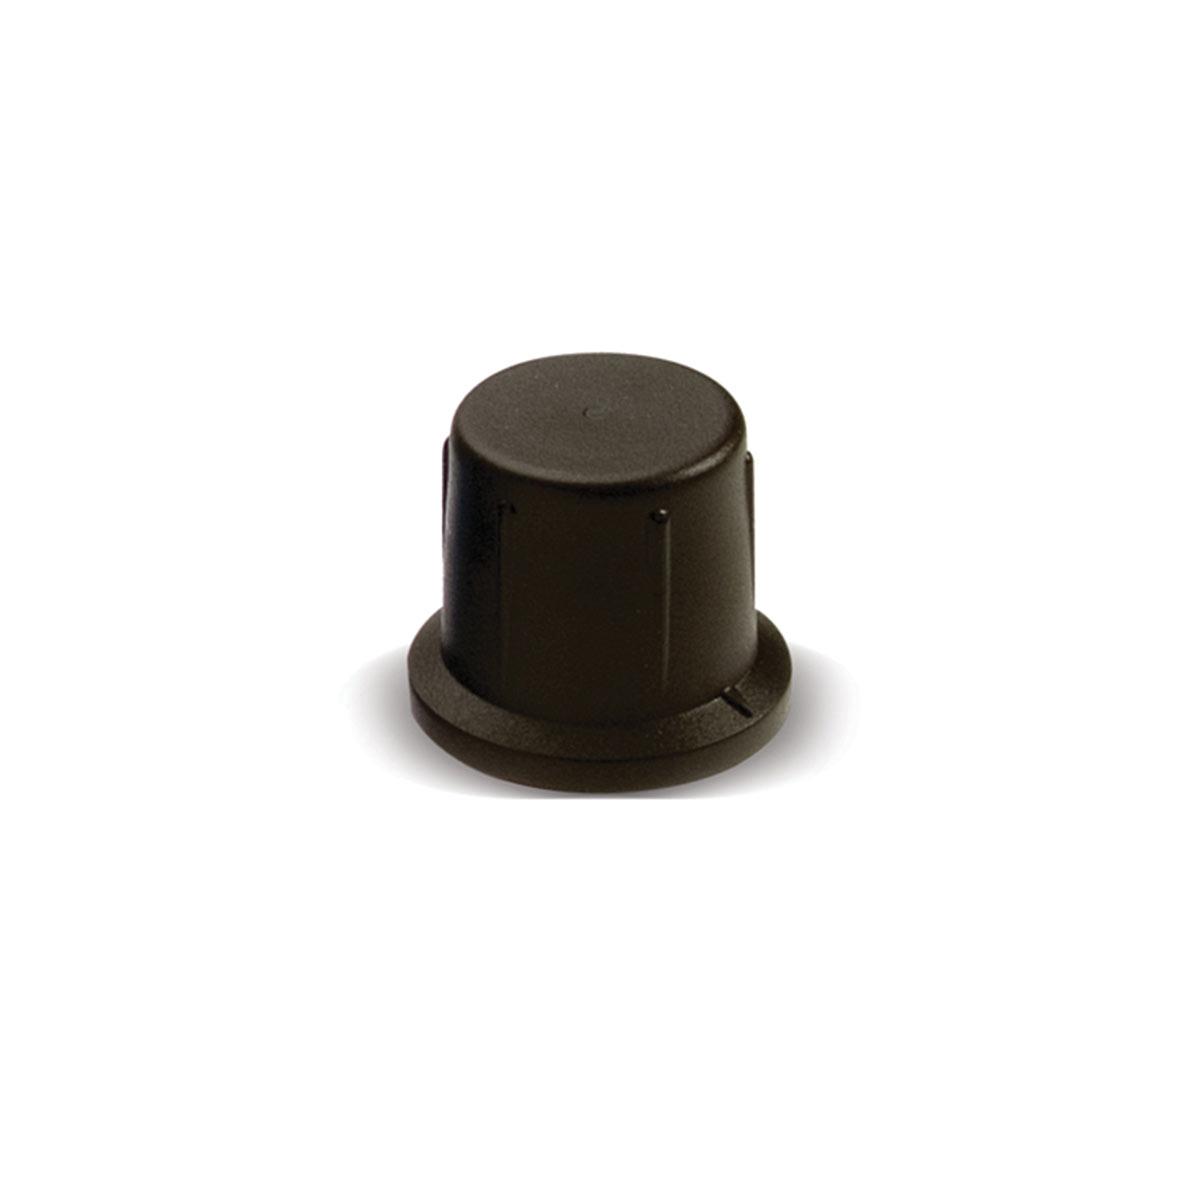 Tapas Para Cubetas De Vidrio Utilizadas Con La Série  De Fotómetros Portátiles HI96 (4 unidades) - HI731335